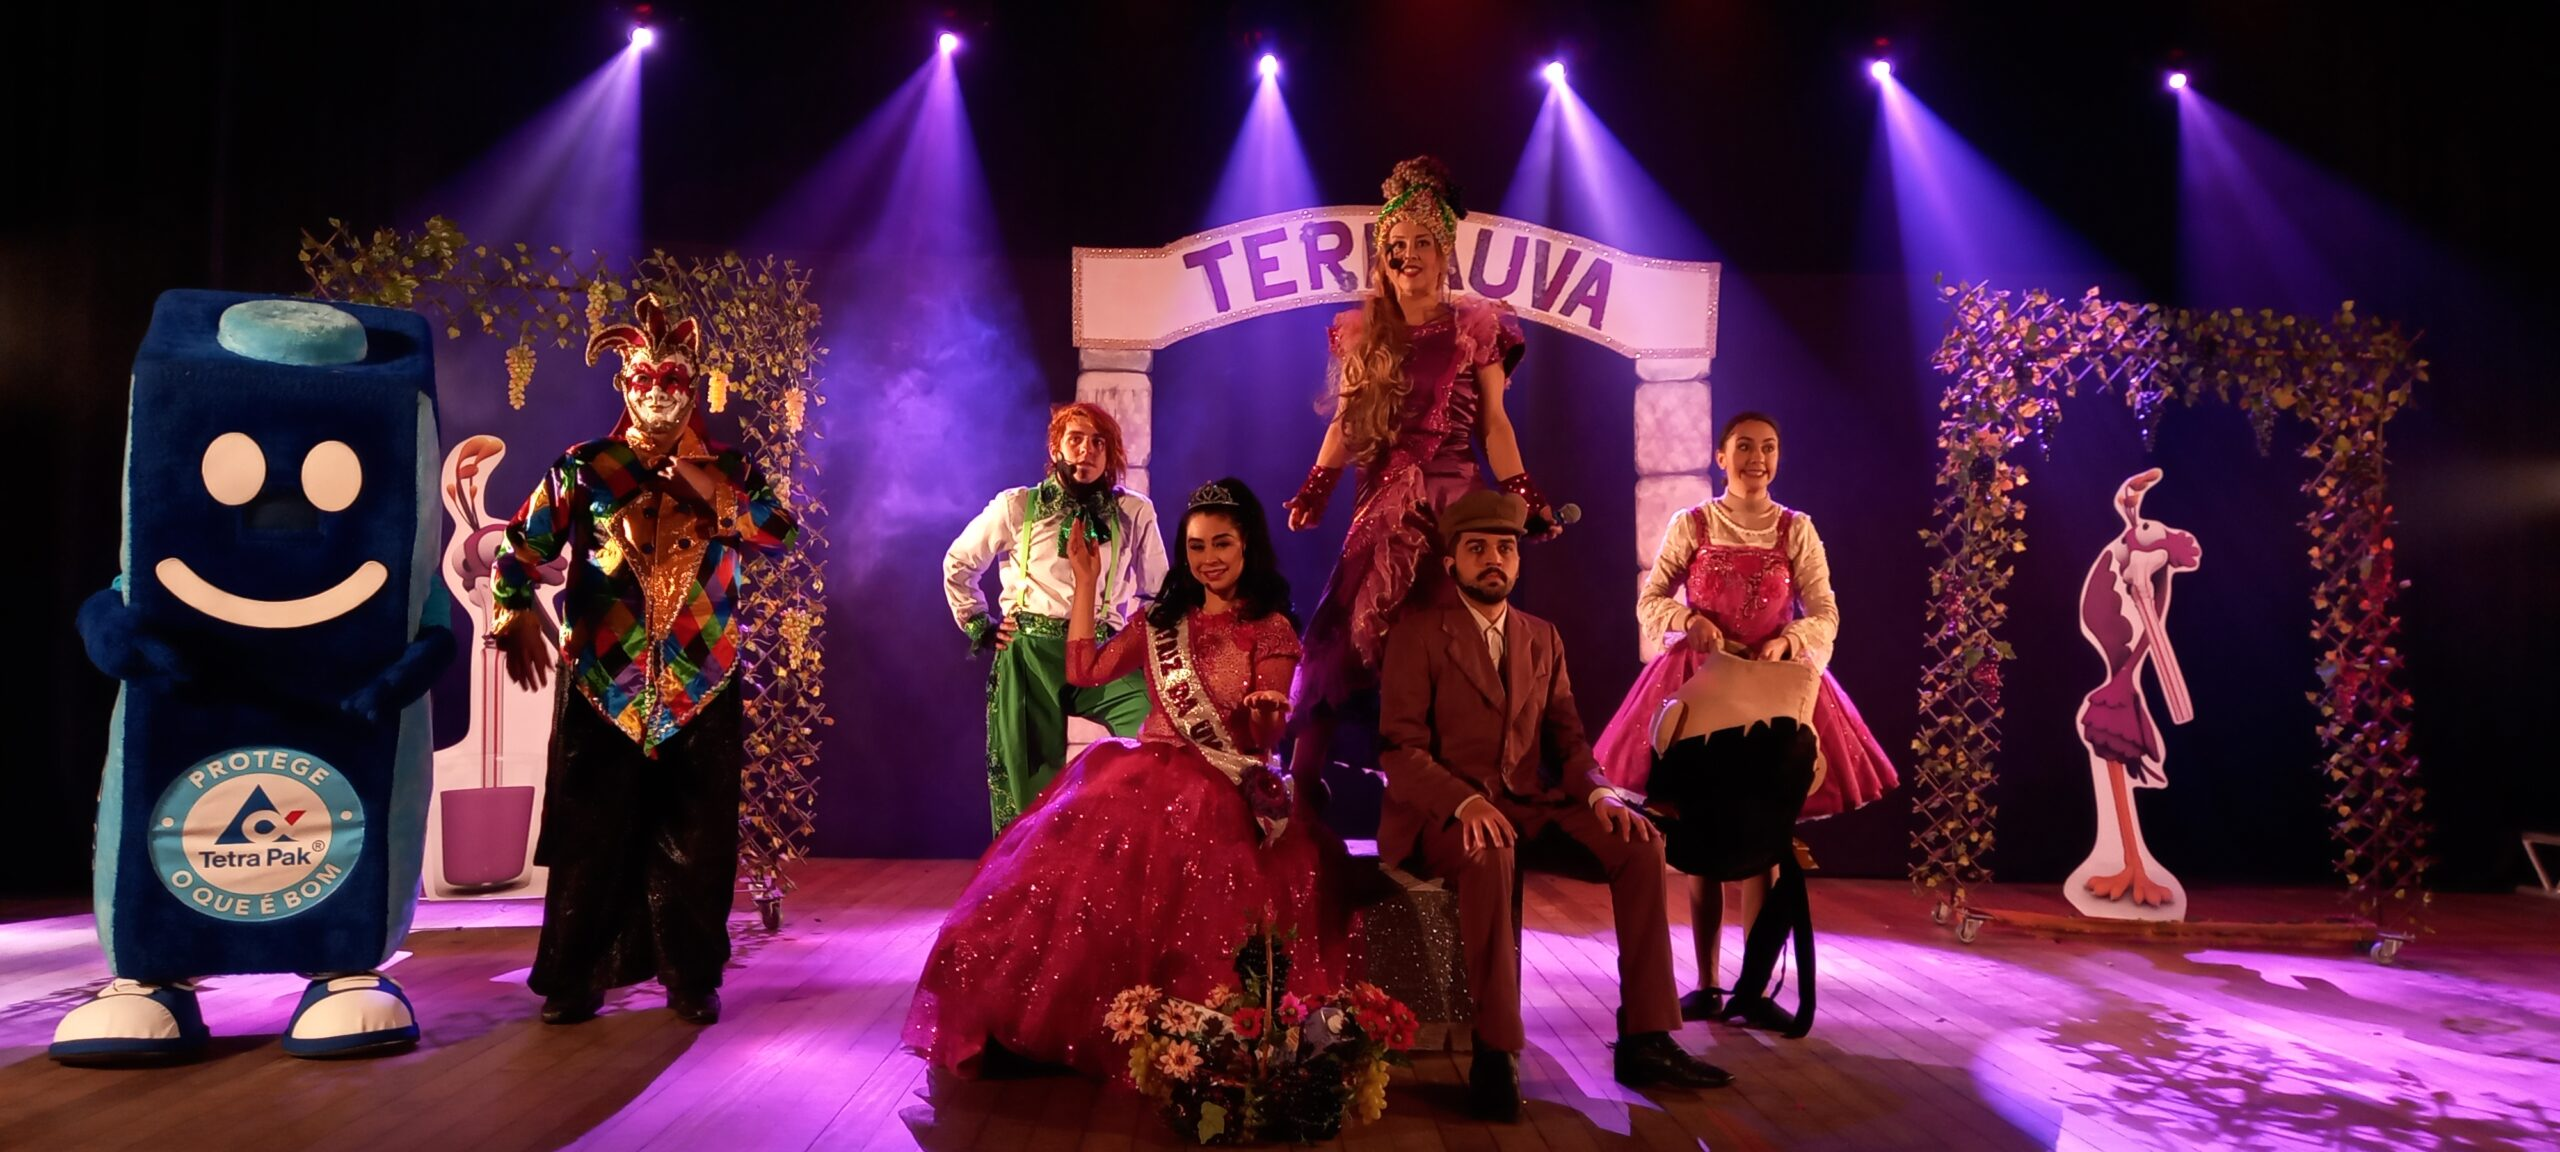 Teatro Viajante Crédito Luís Aurélio da Luz